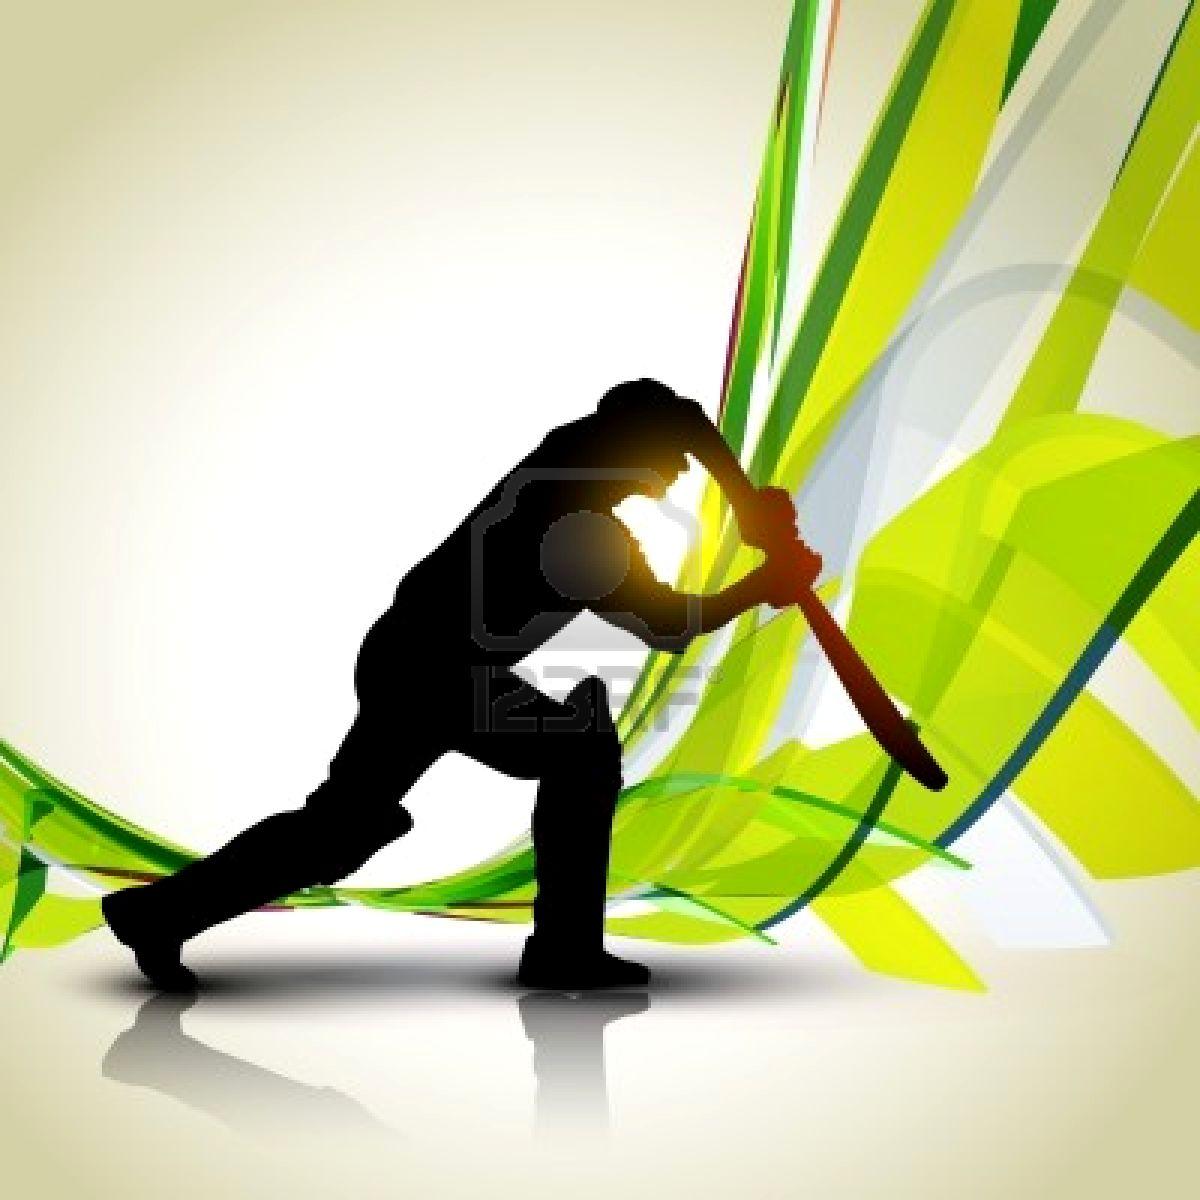 http://3.bp.blogspot.com/-3TMh9VV88fk/Tg14-7so6XI/AAAAAAAAANk/CK0DfqZp7AU/s1600/8949596-beautiful-cricket-background-design-artwork.jpg